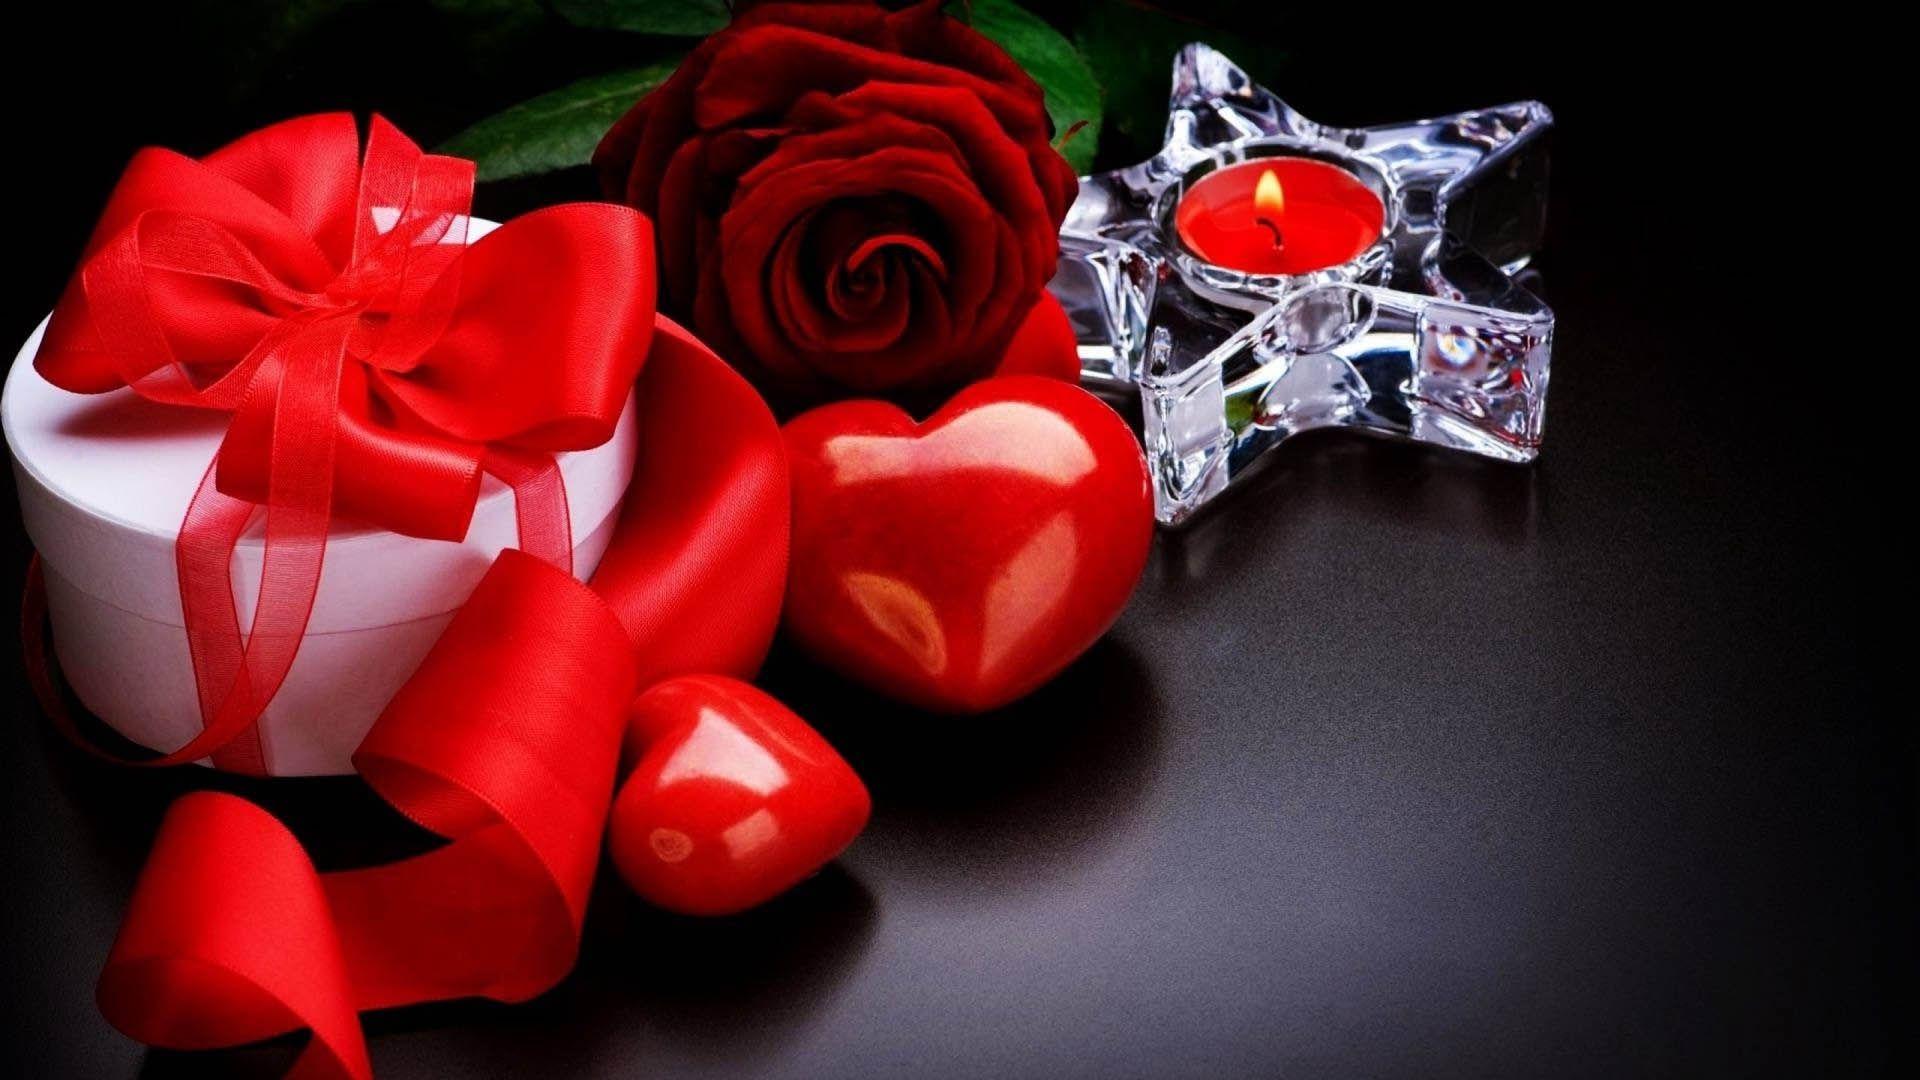 День святого валентина мужу всех влюбленных 14 февраля любовь картинки скачать бесплатно